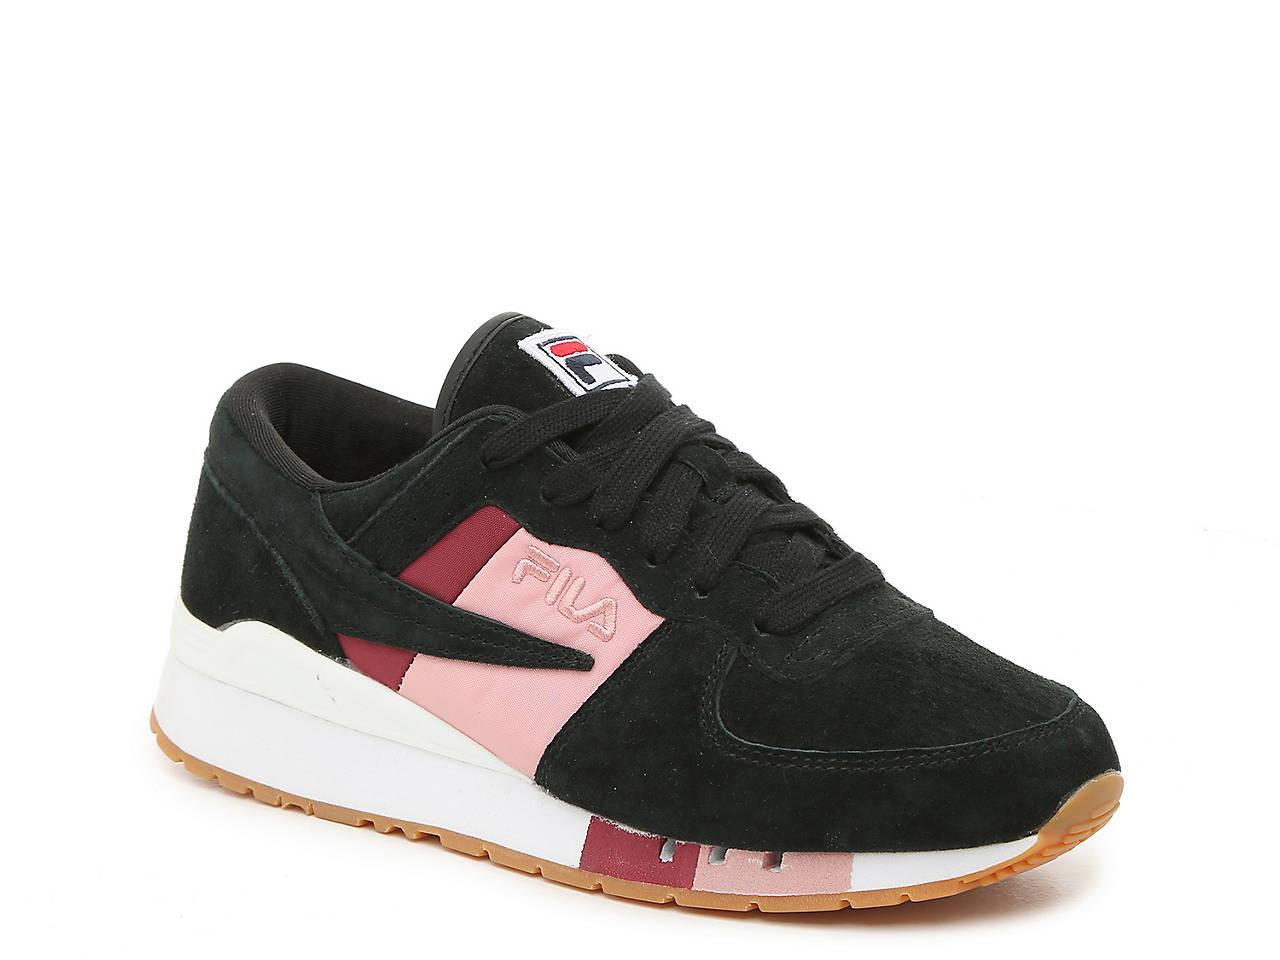 85895c9cc54e22 Fila Running Chiara Sneaker - Women s Women s Shoes